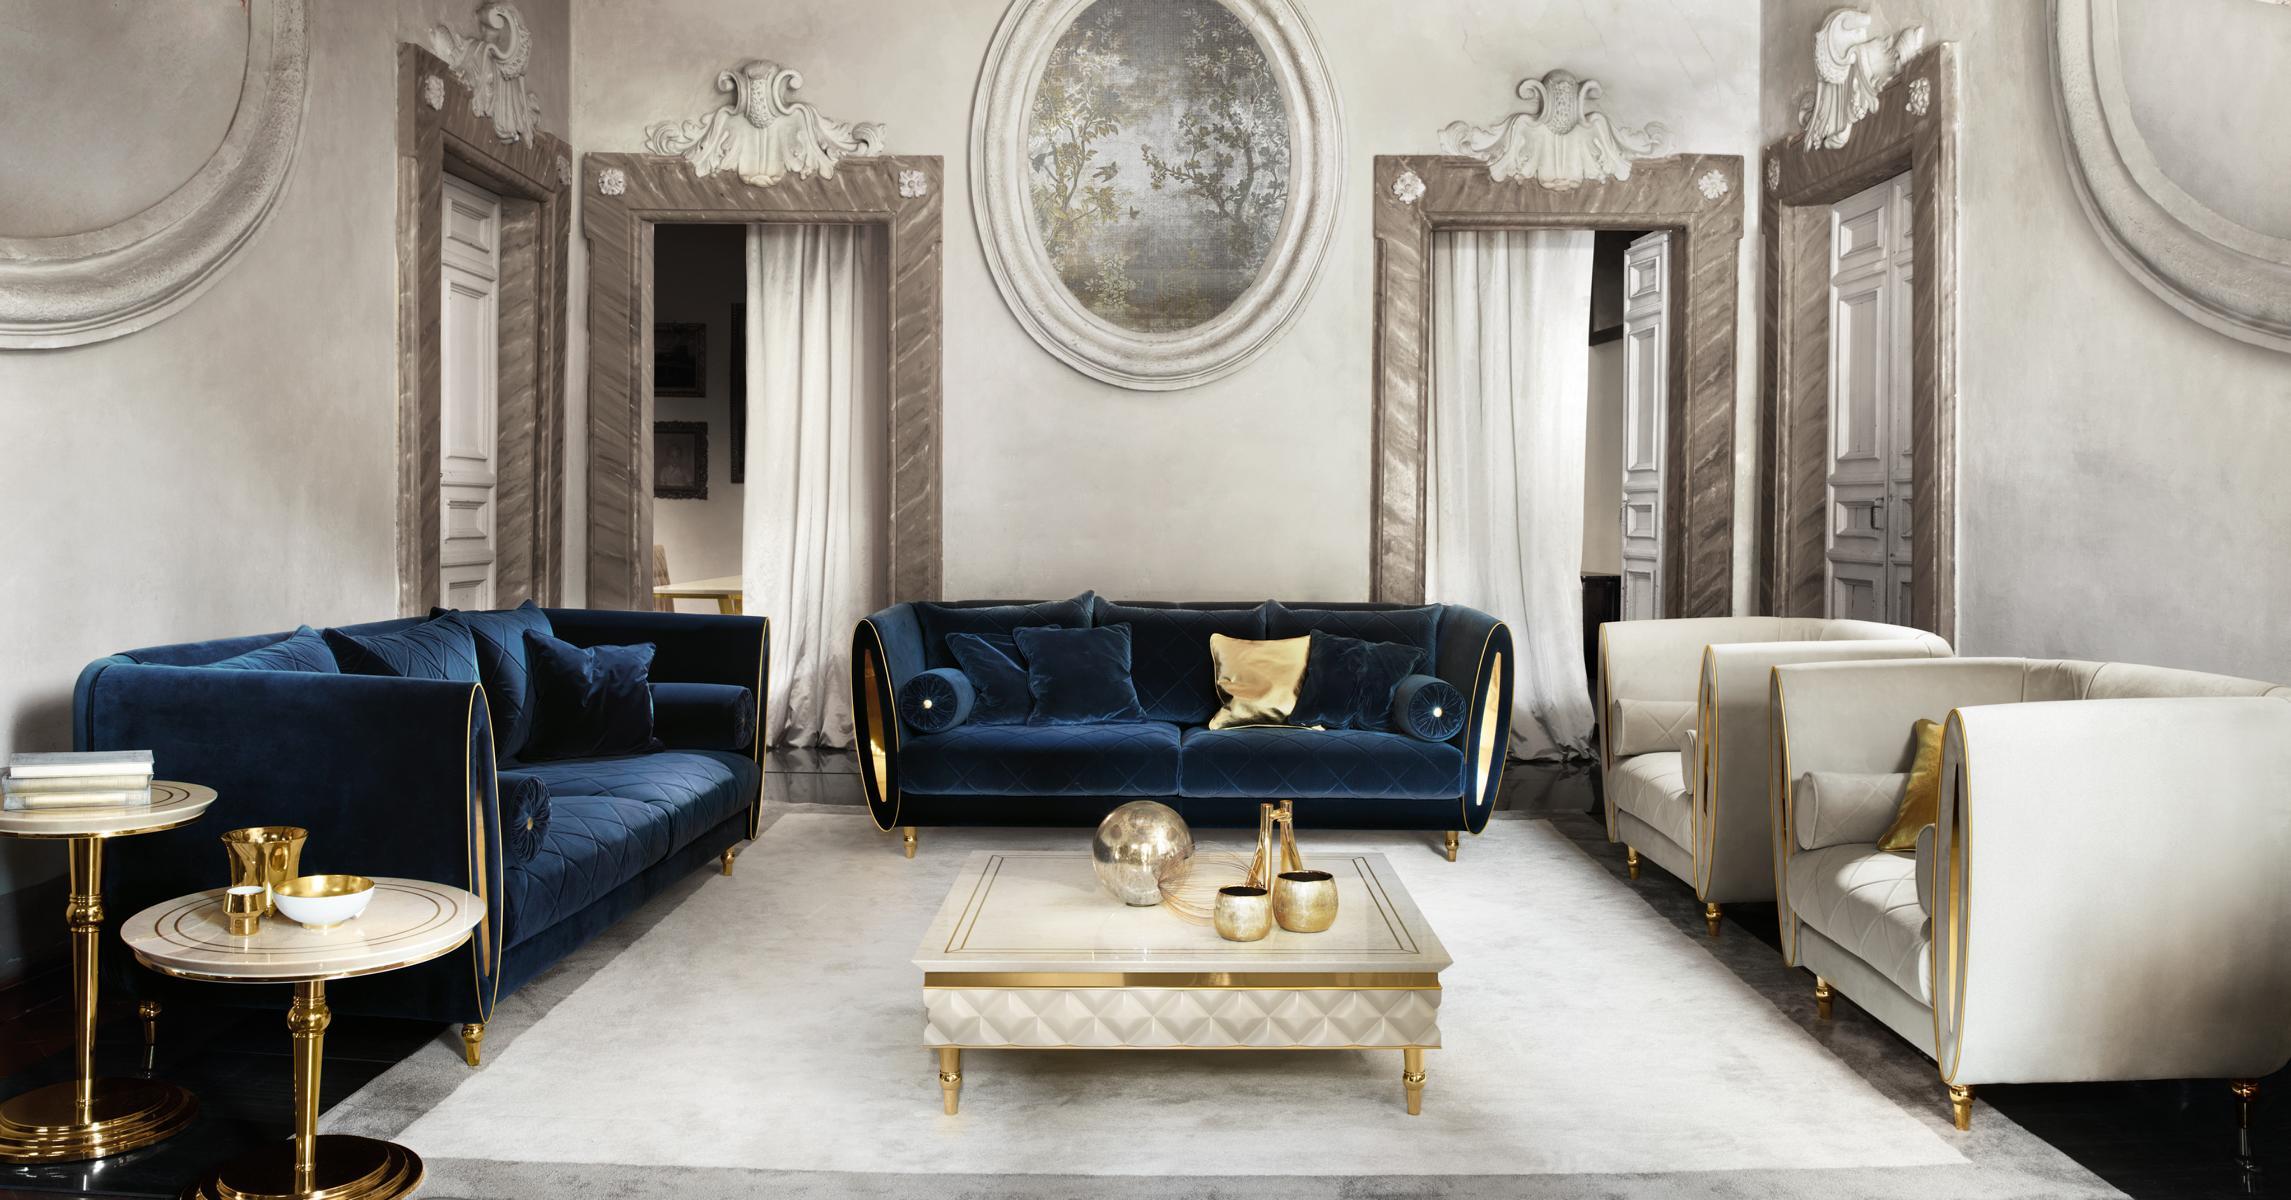 Sofagarnitur Sofa Couch 3 3 Wohnzimmer Designer Mobel Classisch